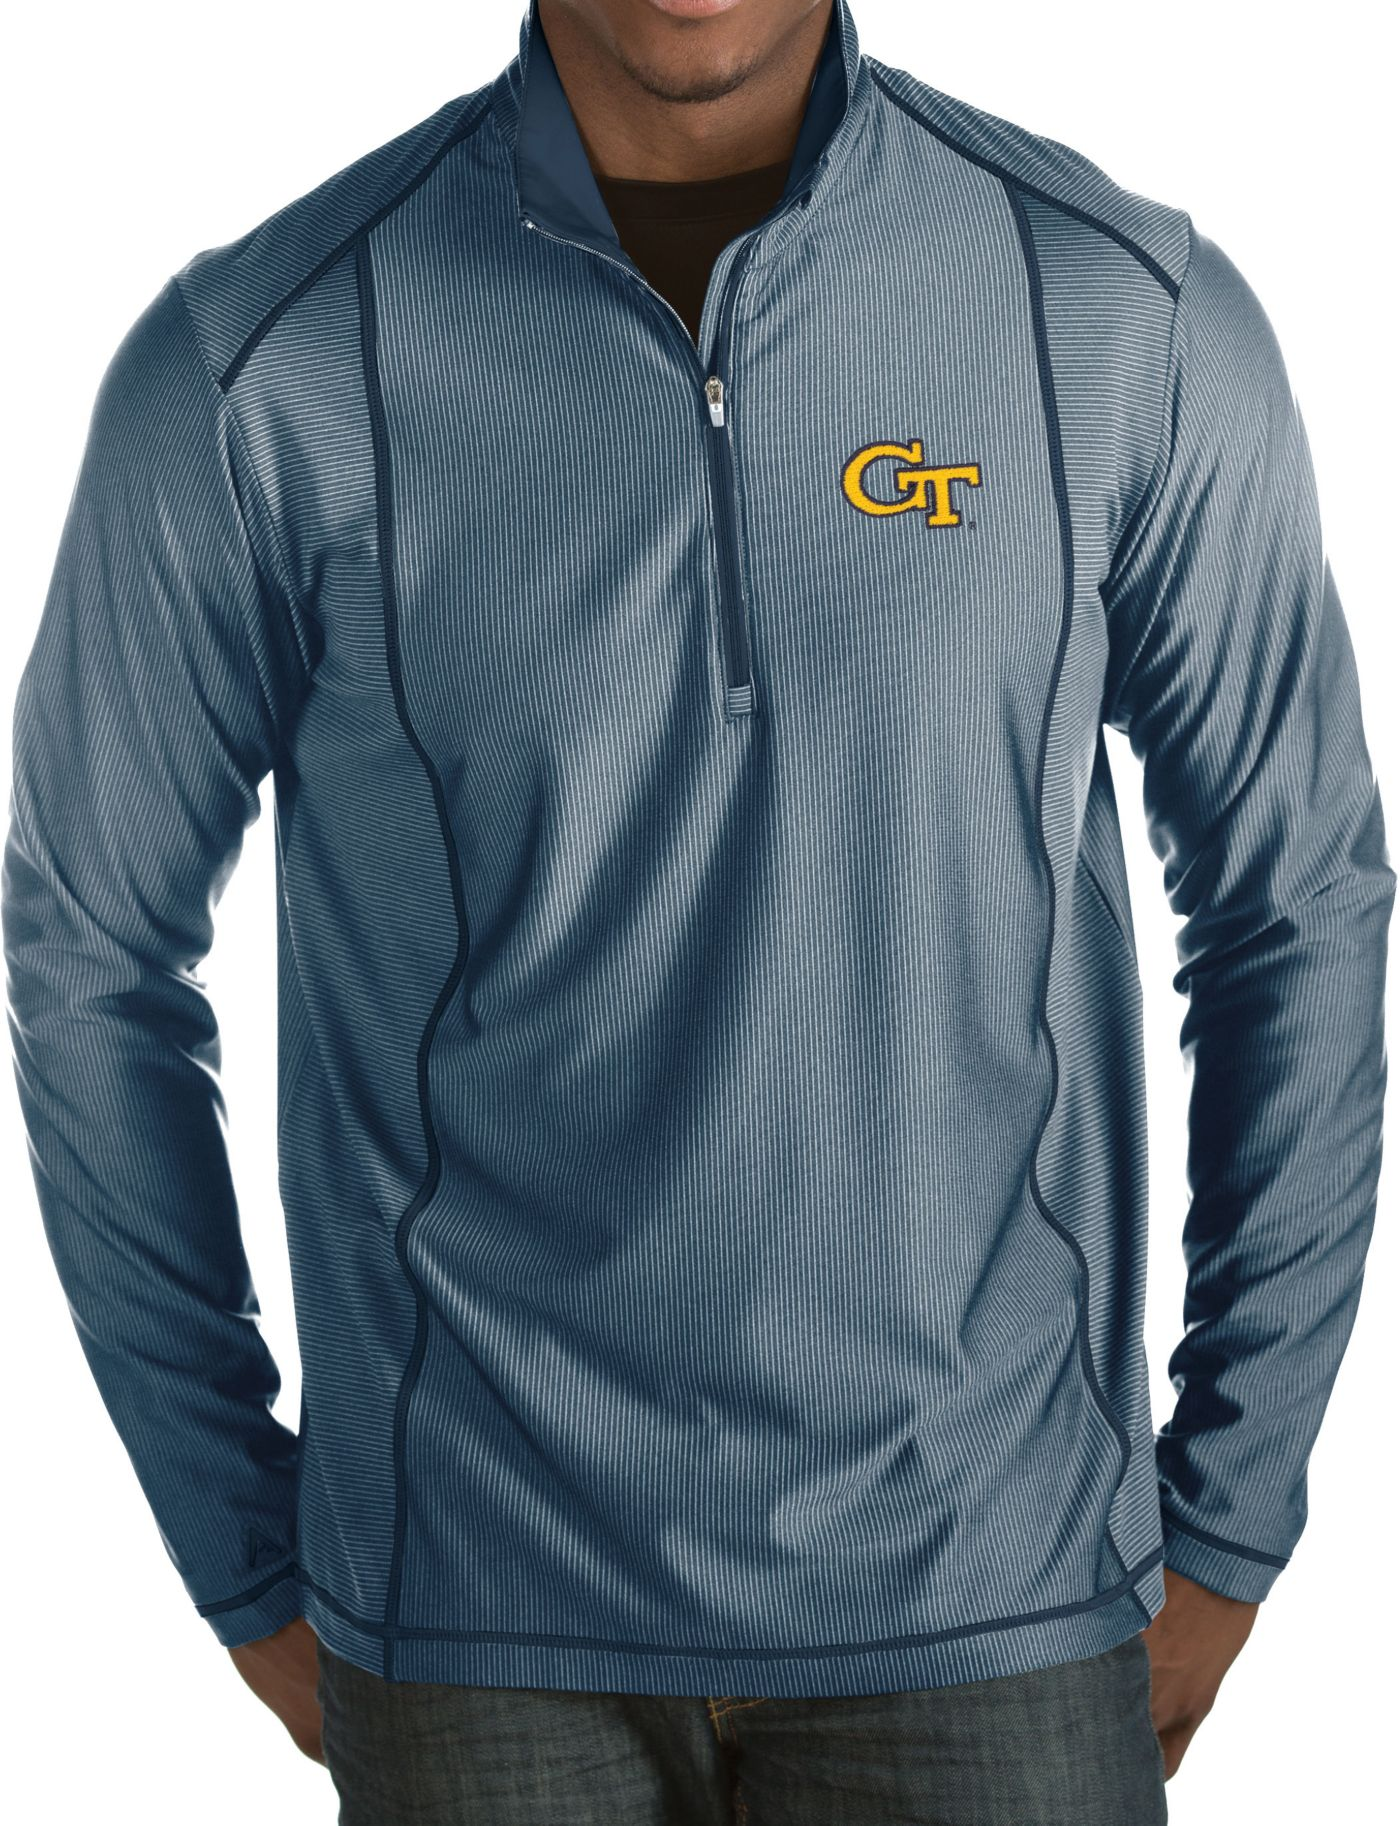 Antigua Men's Georgia Tech Yellow Jackets Navy Tempo Half-Zip Pullover